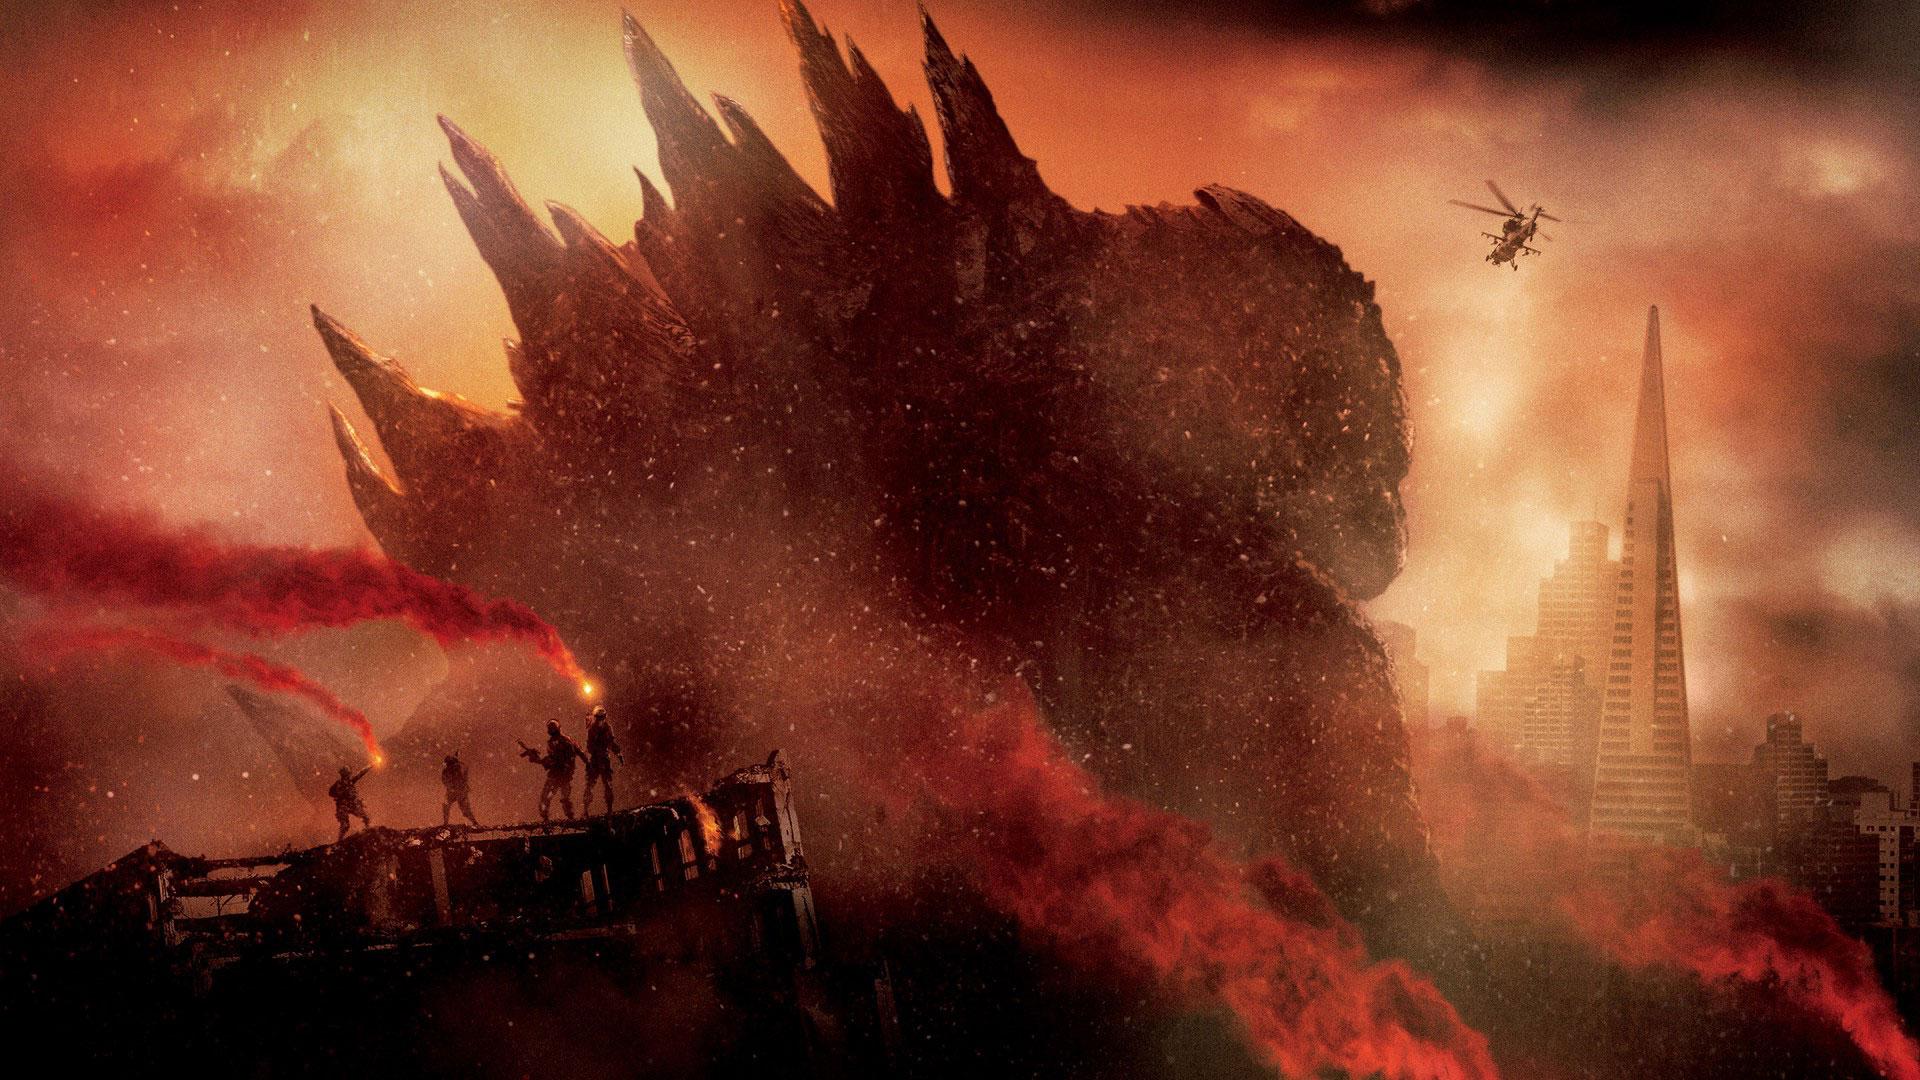 Godzilla Movie 2014 HD iPhone iPad Wallpapers 1920x1080